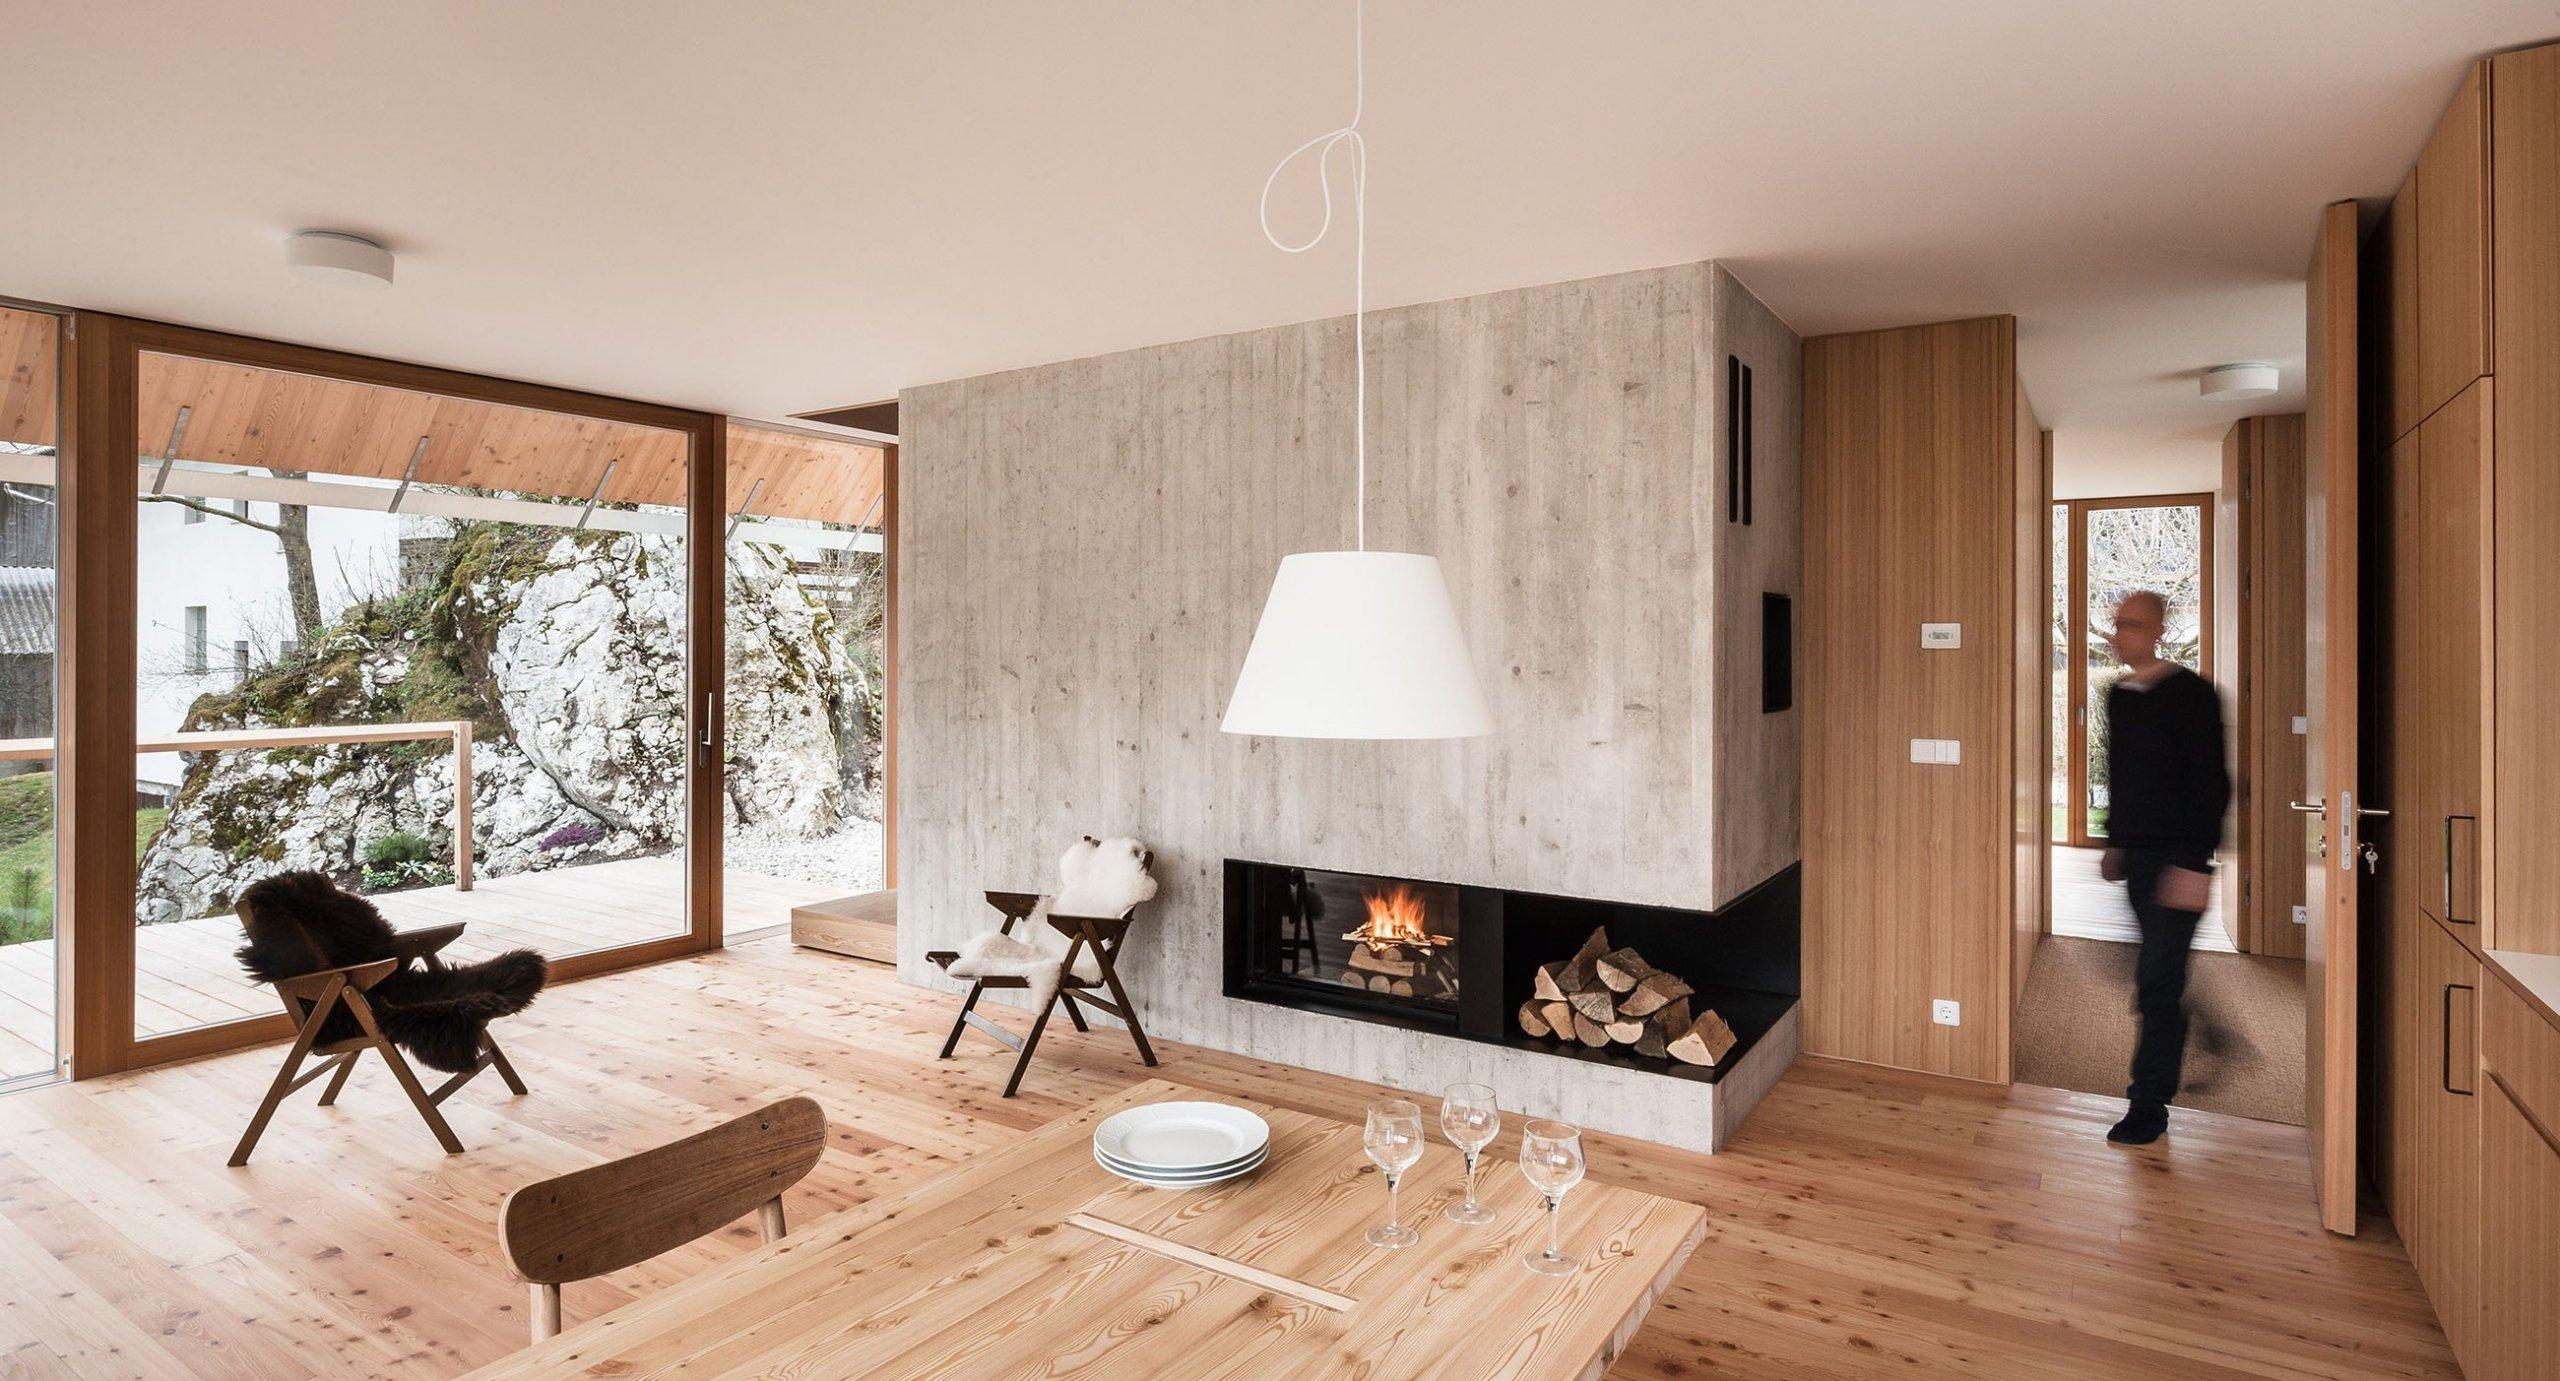 Lepší charakteristiku tohoto domu stojícího v Julských Alpách, v národním parku Triglav, nelze vymyslet. Architekti ze studia Skupaj se předvedli a vytvořili krásný, moderní a hlavně jednoduchý dům, který si zaslouží naši pozornost.